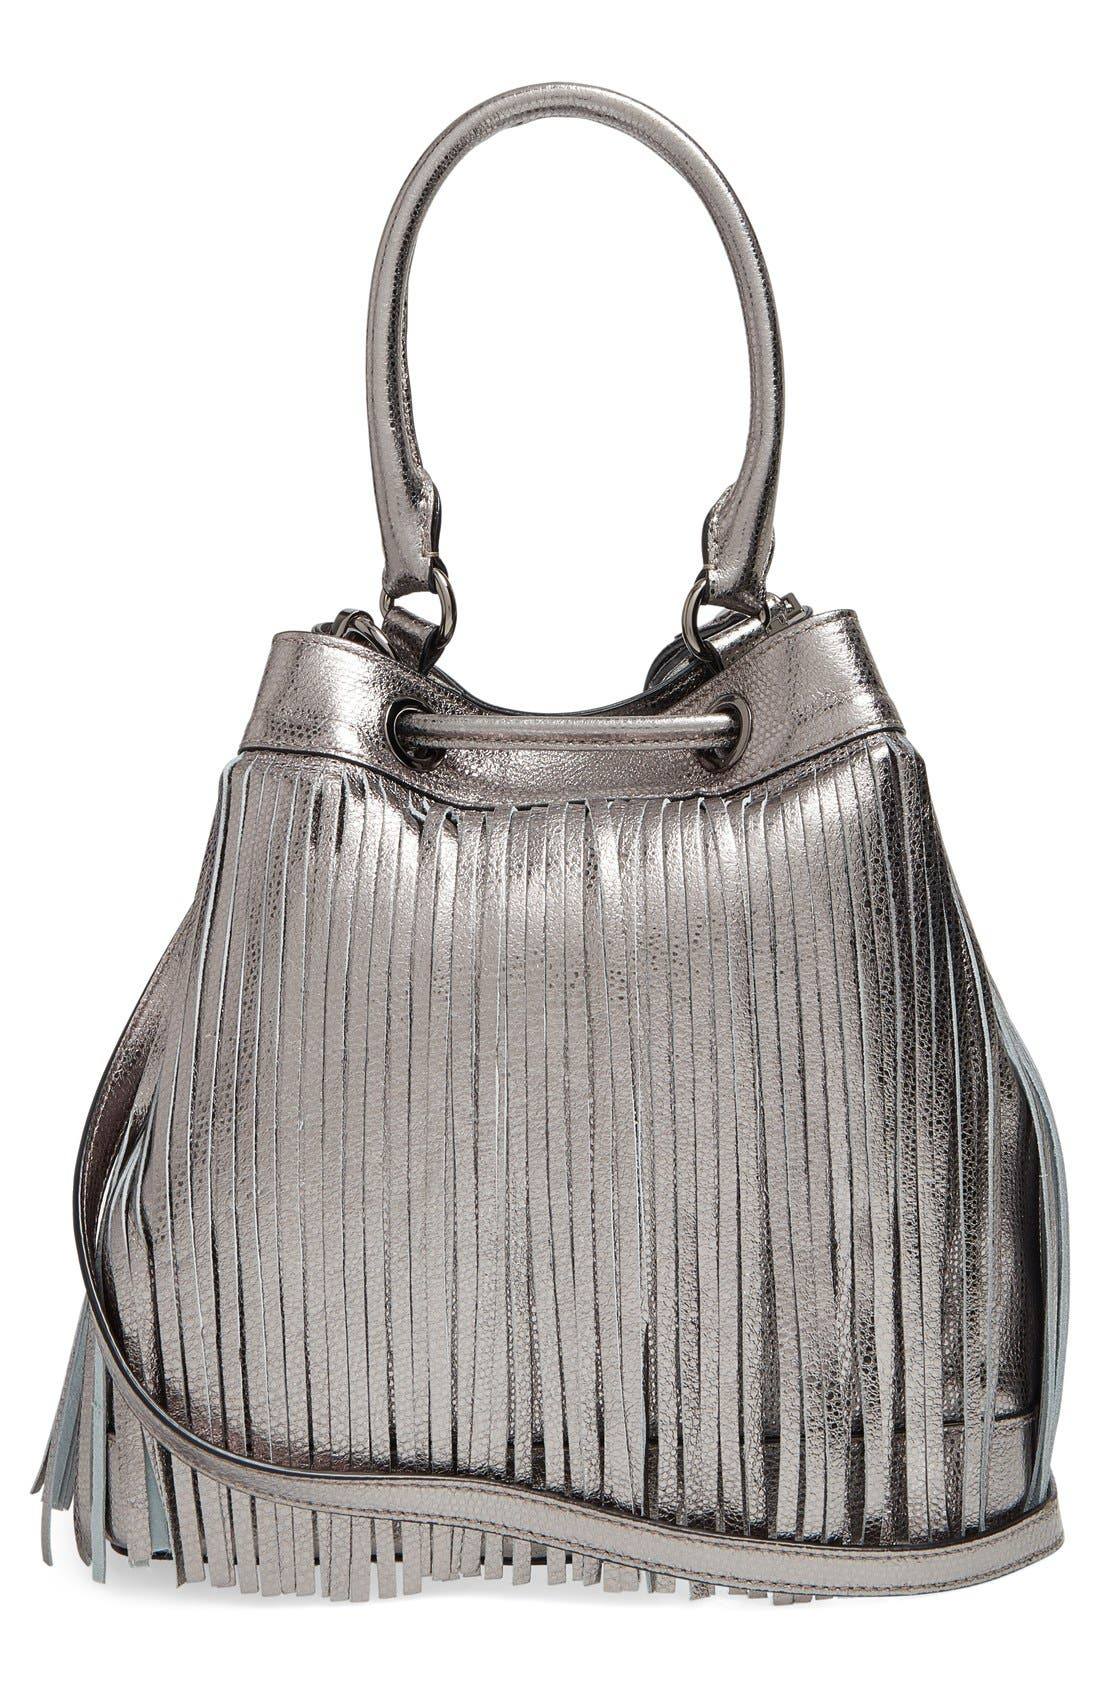 Alternate Image 3  - Milly 'Large' Metallic Leather Fringe Bucket Bag